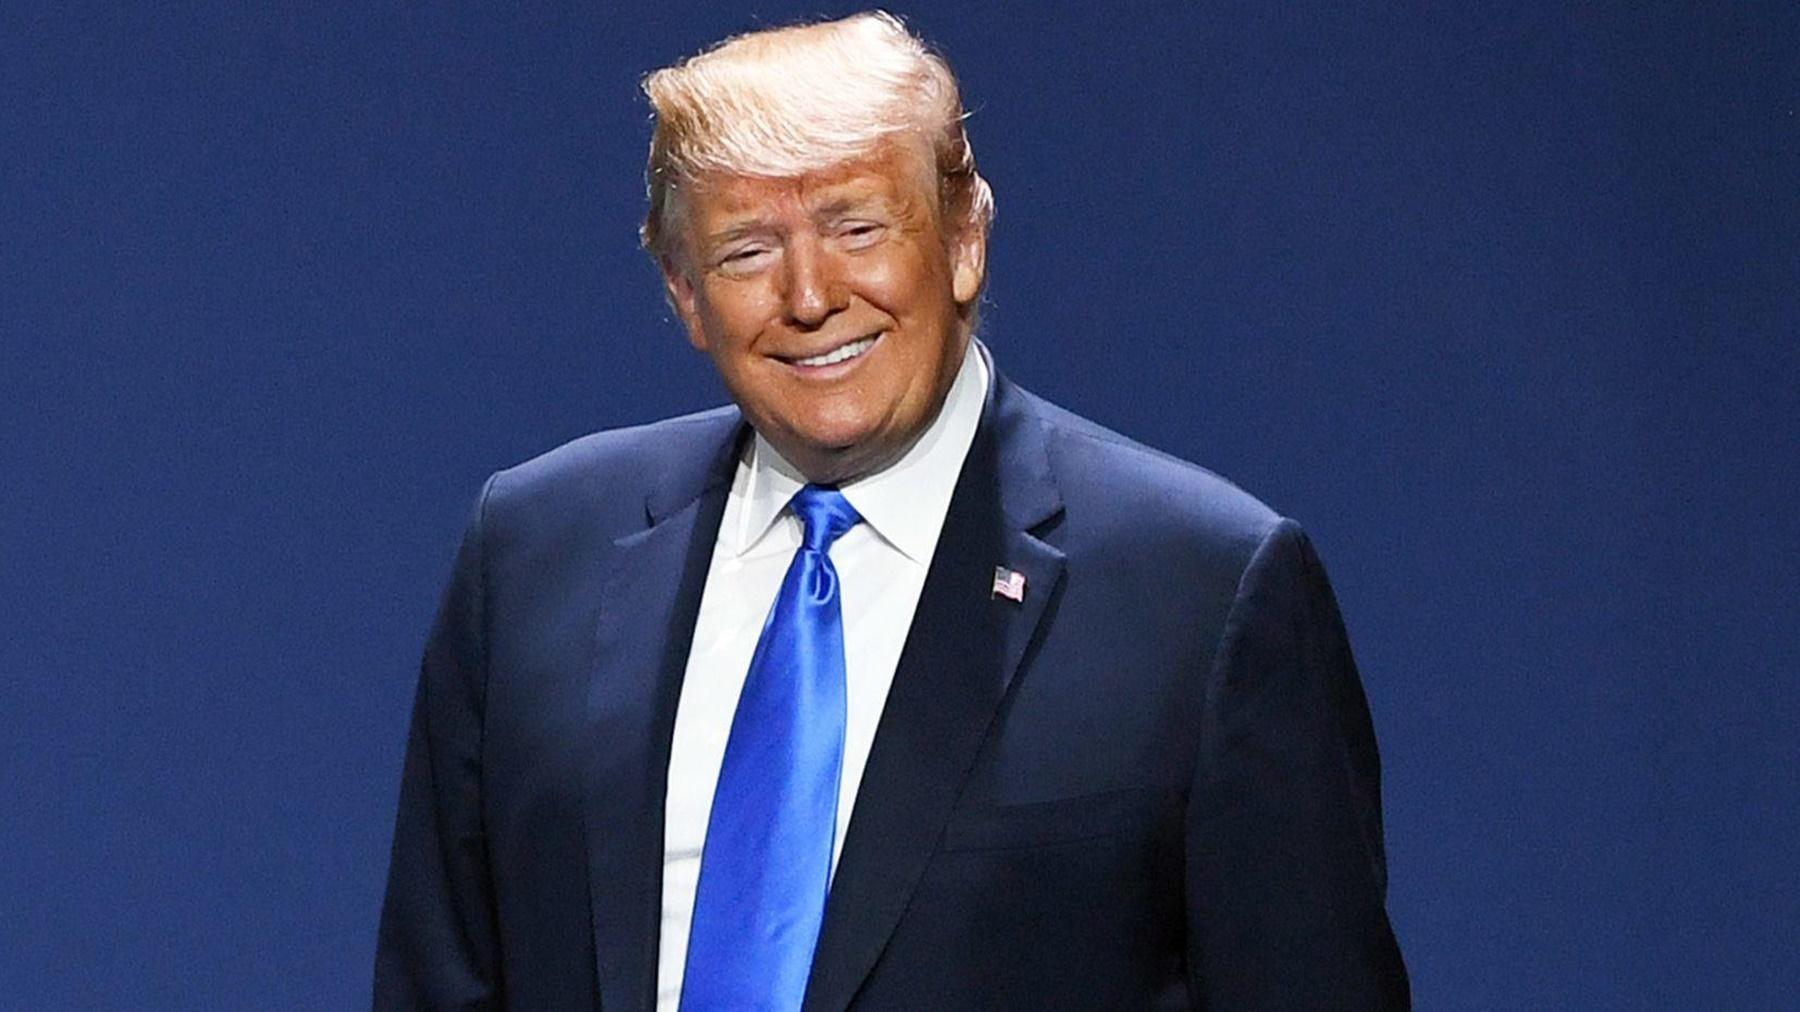 Donald Trump Democratic Tax Returns